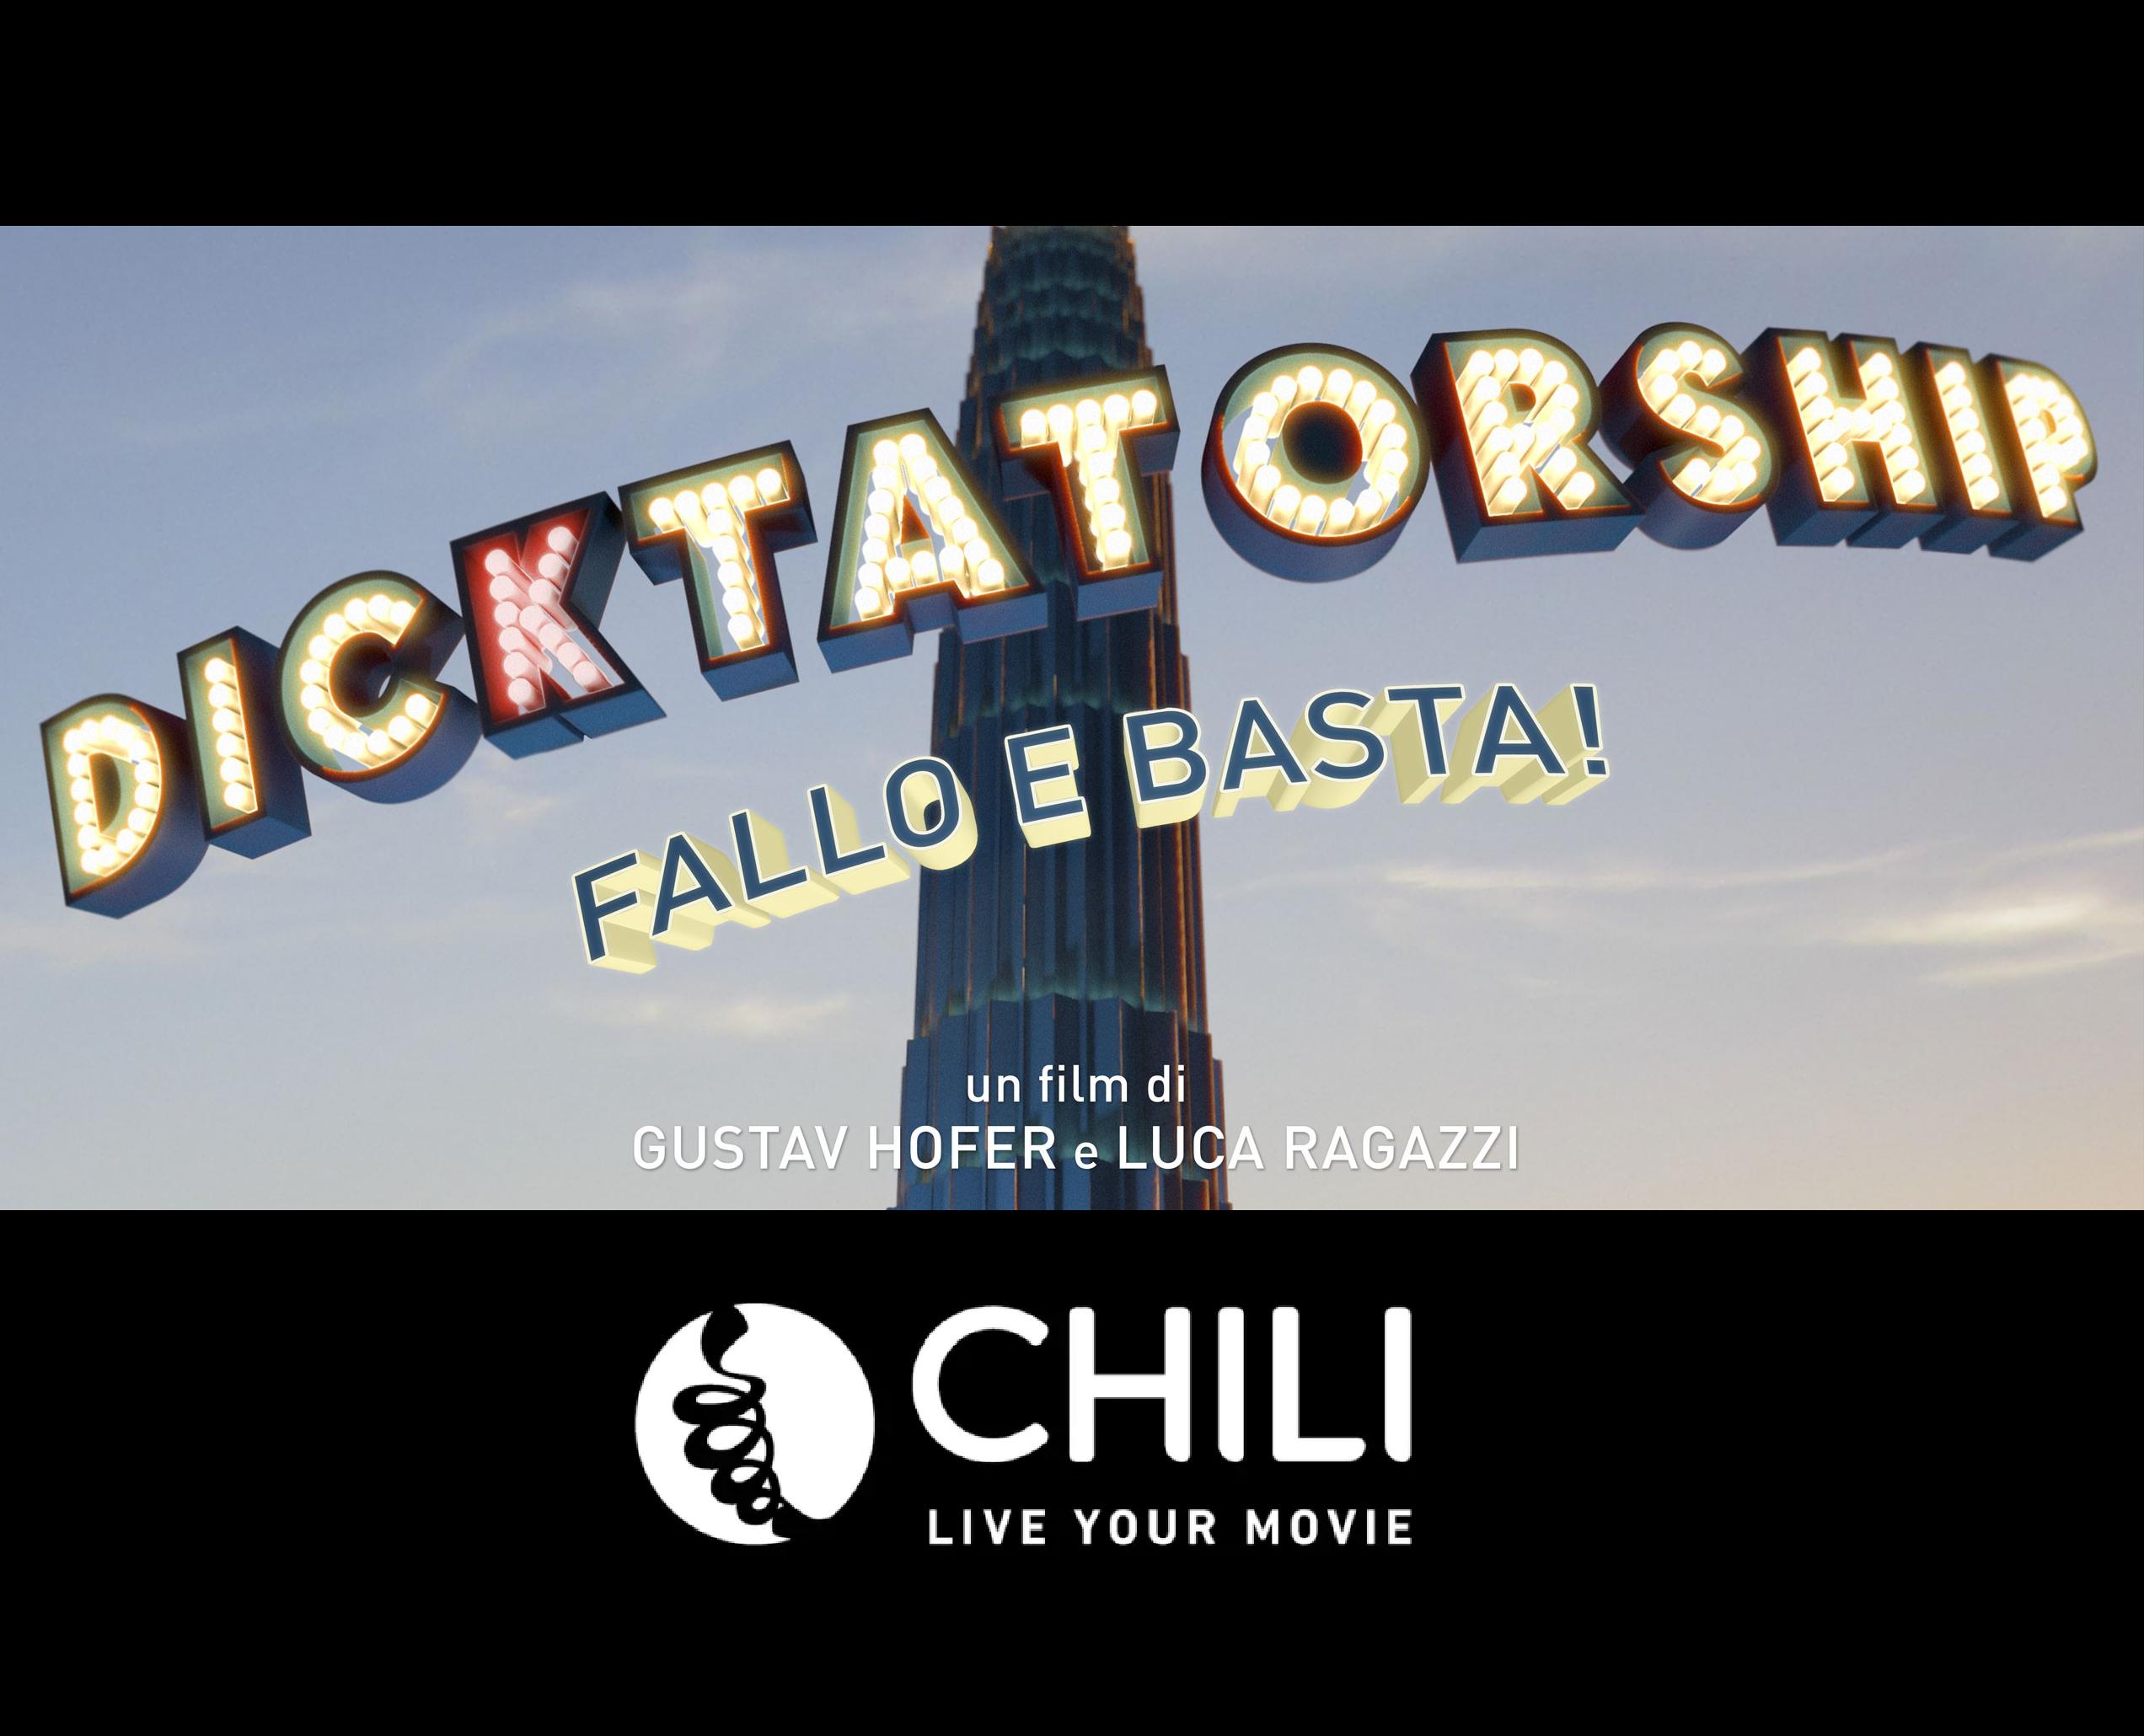 Dicktatorship arriva su CHILI